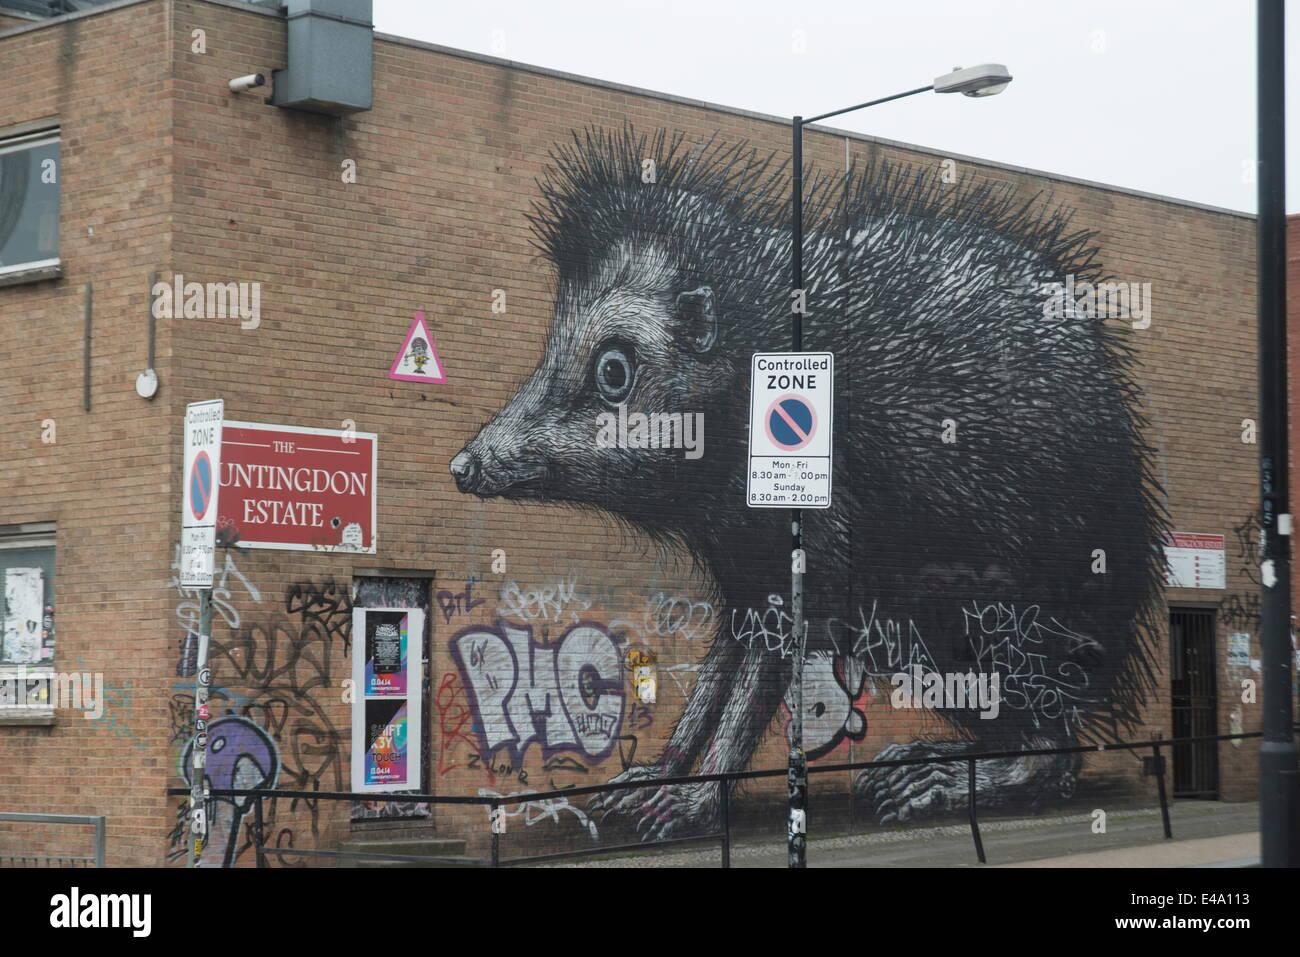 Hedgehog by Roa, Chance Street, London, E1, England, United Kingdom, Europe - Stock Image